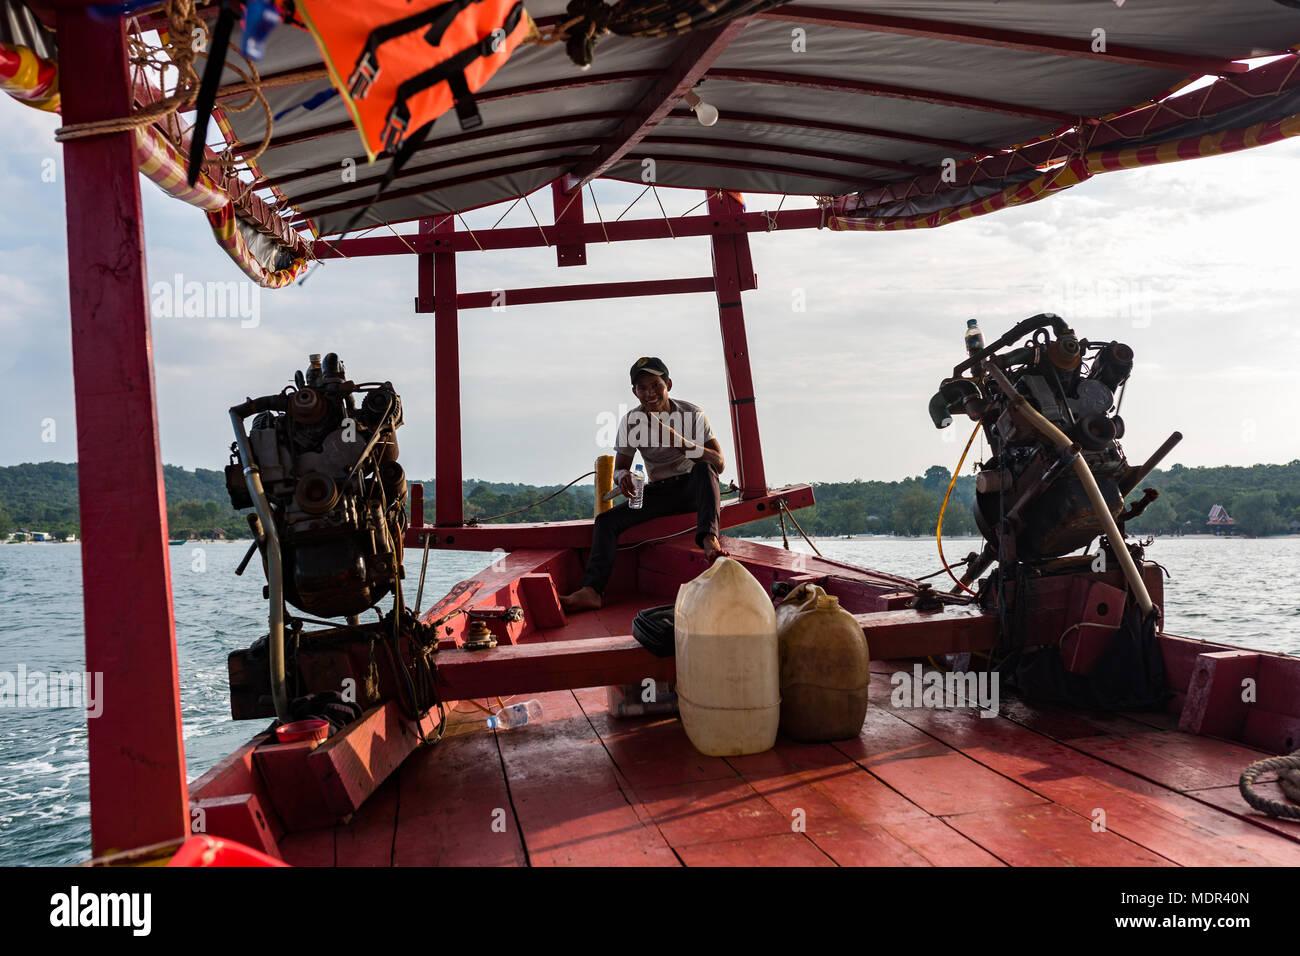 Un primer plano de un motor motor en una canoa, Camboyano con el capitán en la espalda. El capitán teniendo cada día los turistas para un viaje al mar. Koh Rong Samloe Imagen De Stock